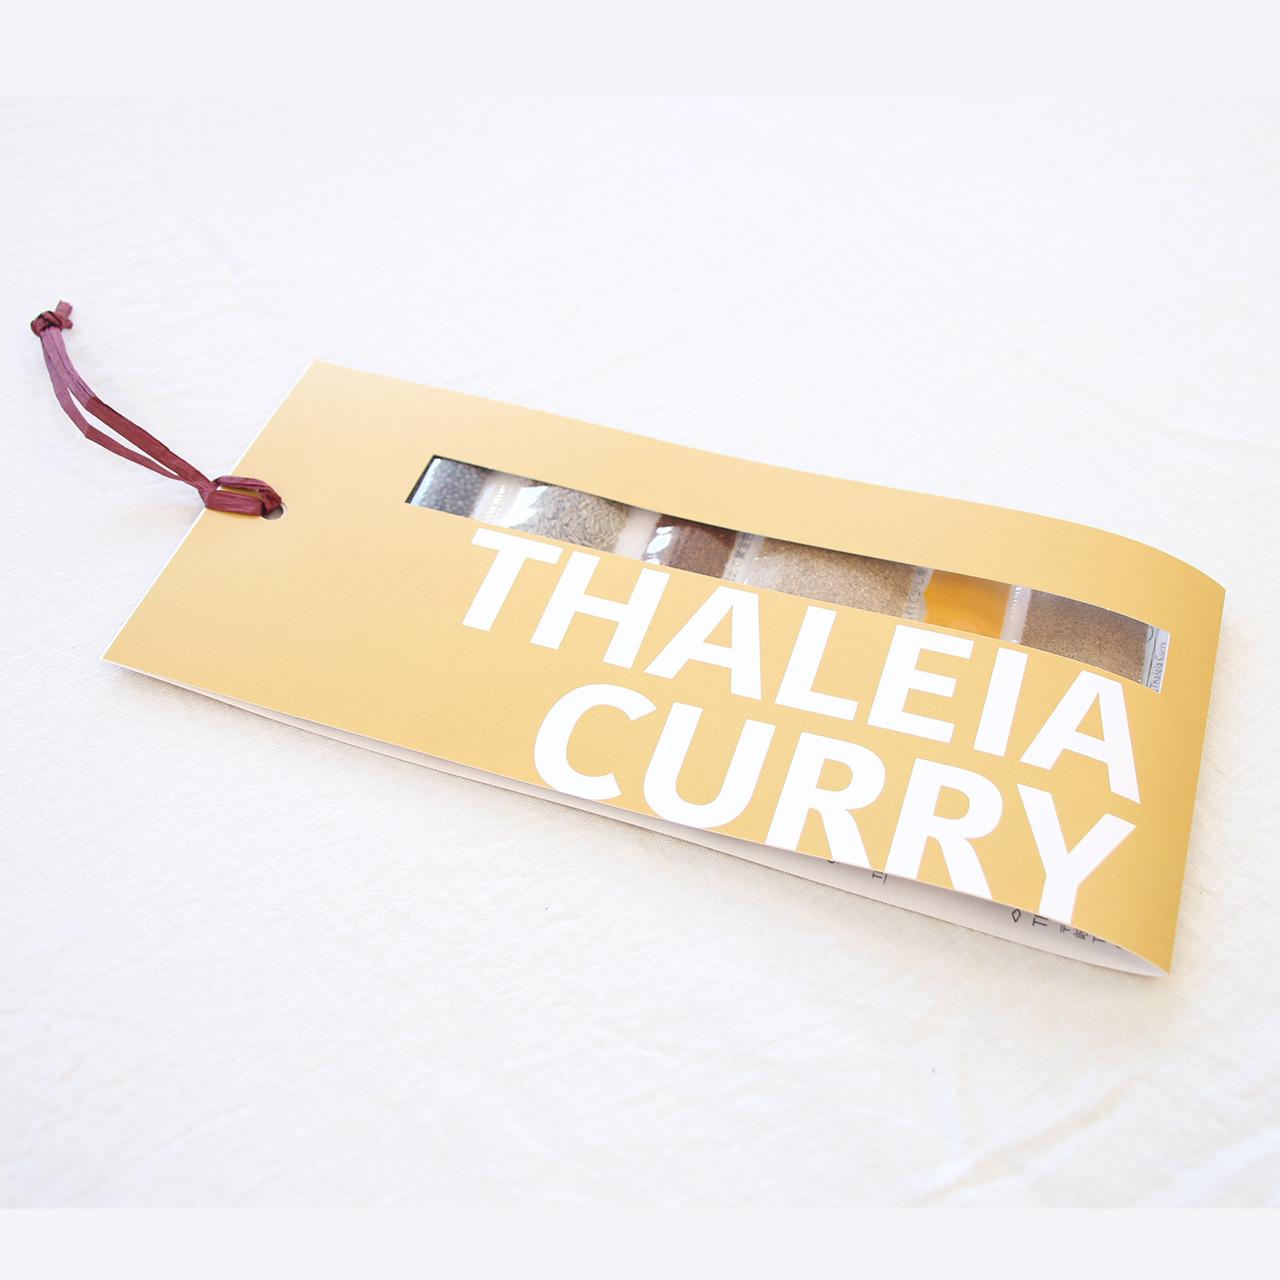 THALEIA CURRY スパイスカレーを作るためのオーガニックスパイスセット 送料無料